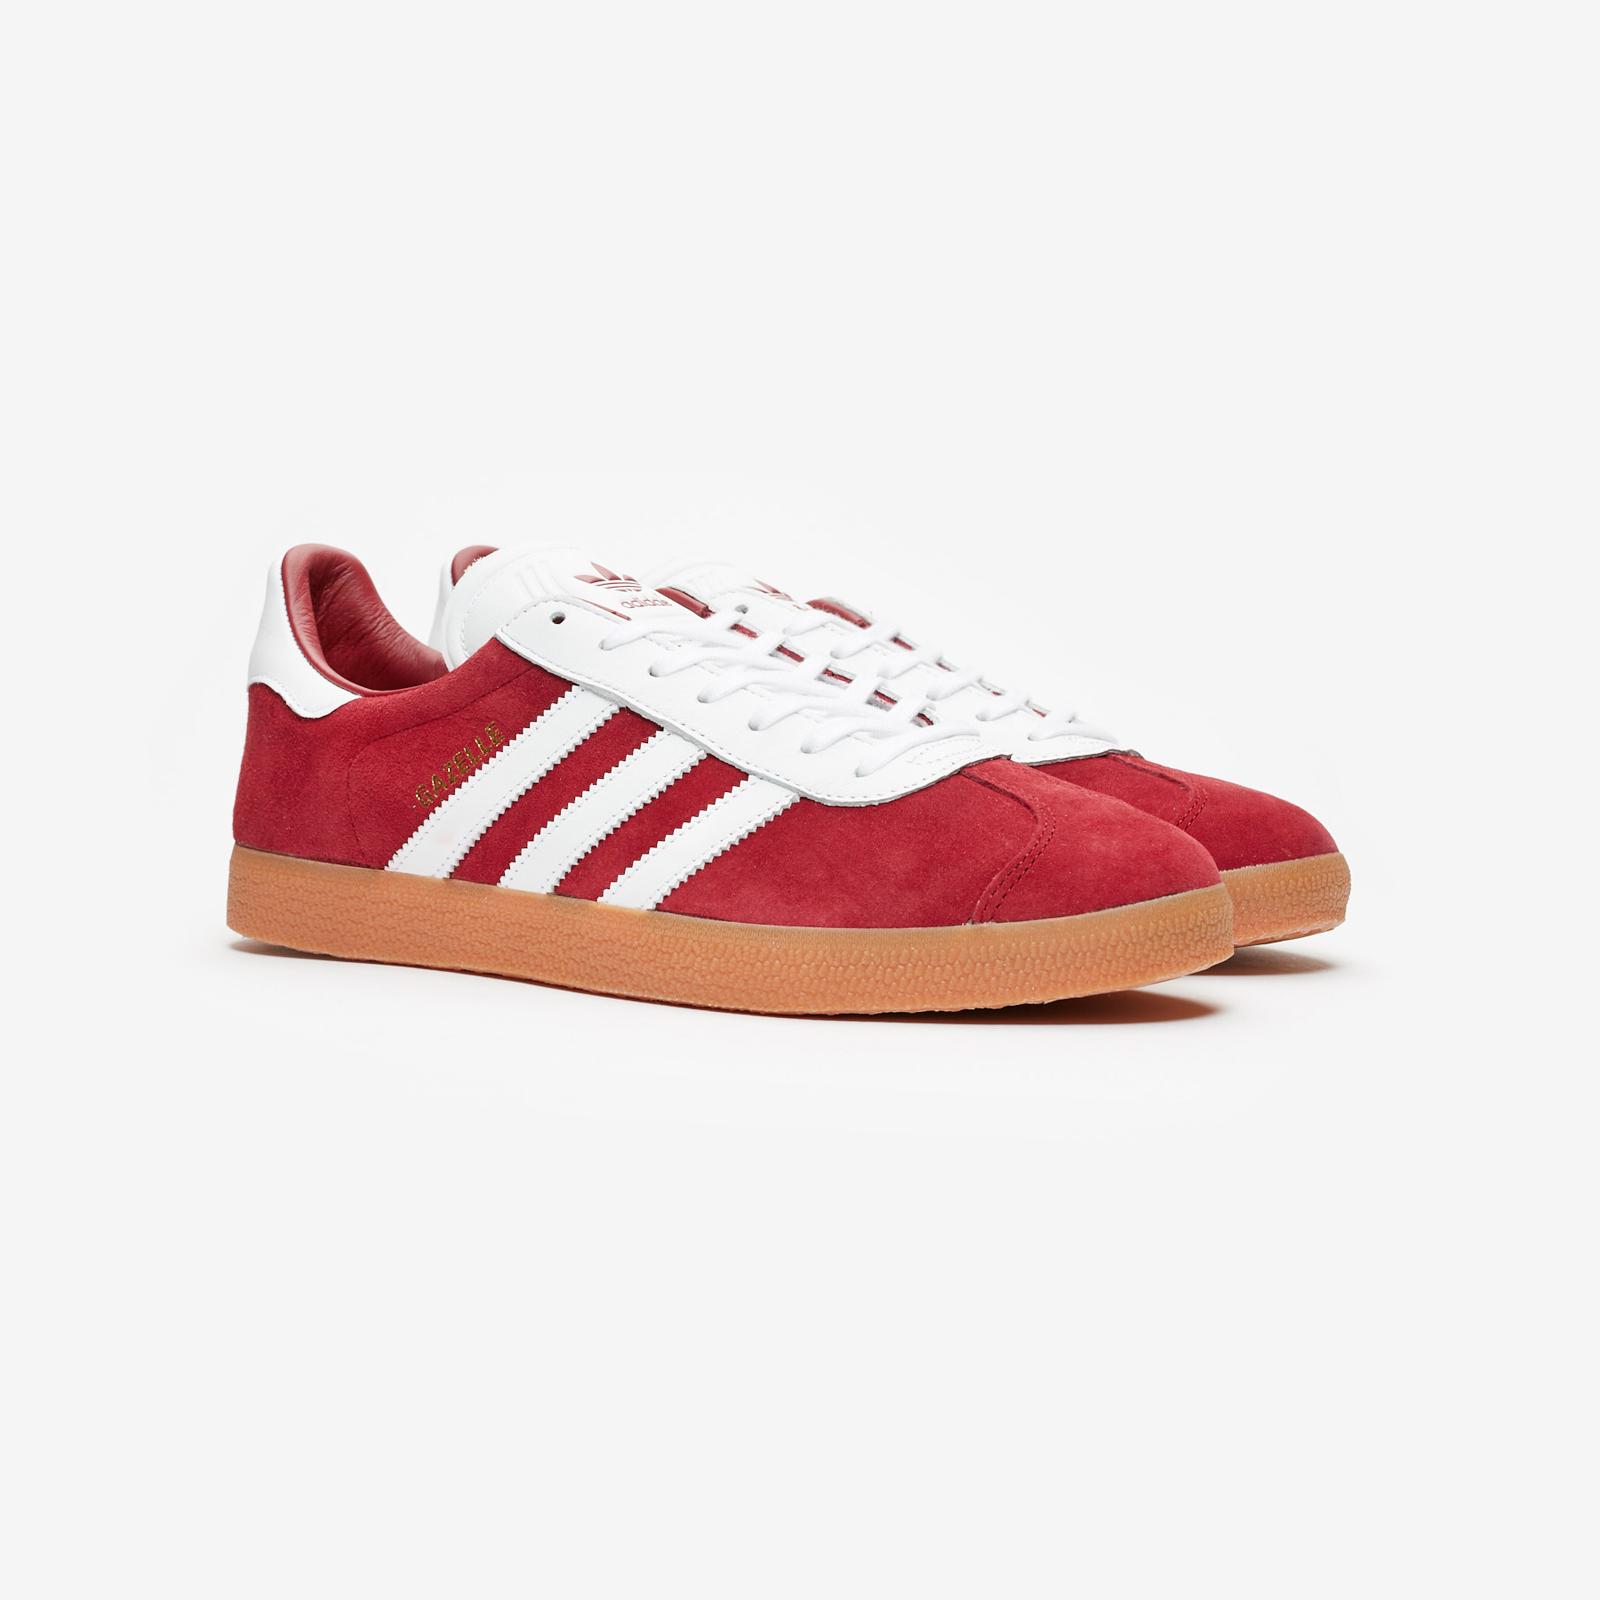 finest selection 9c3d6 71dc7 adidas Originals Gazelle